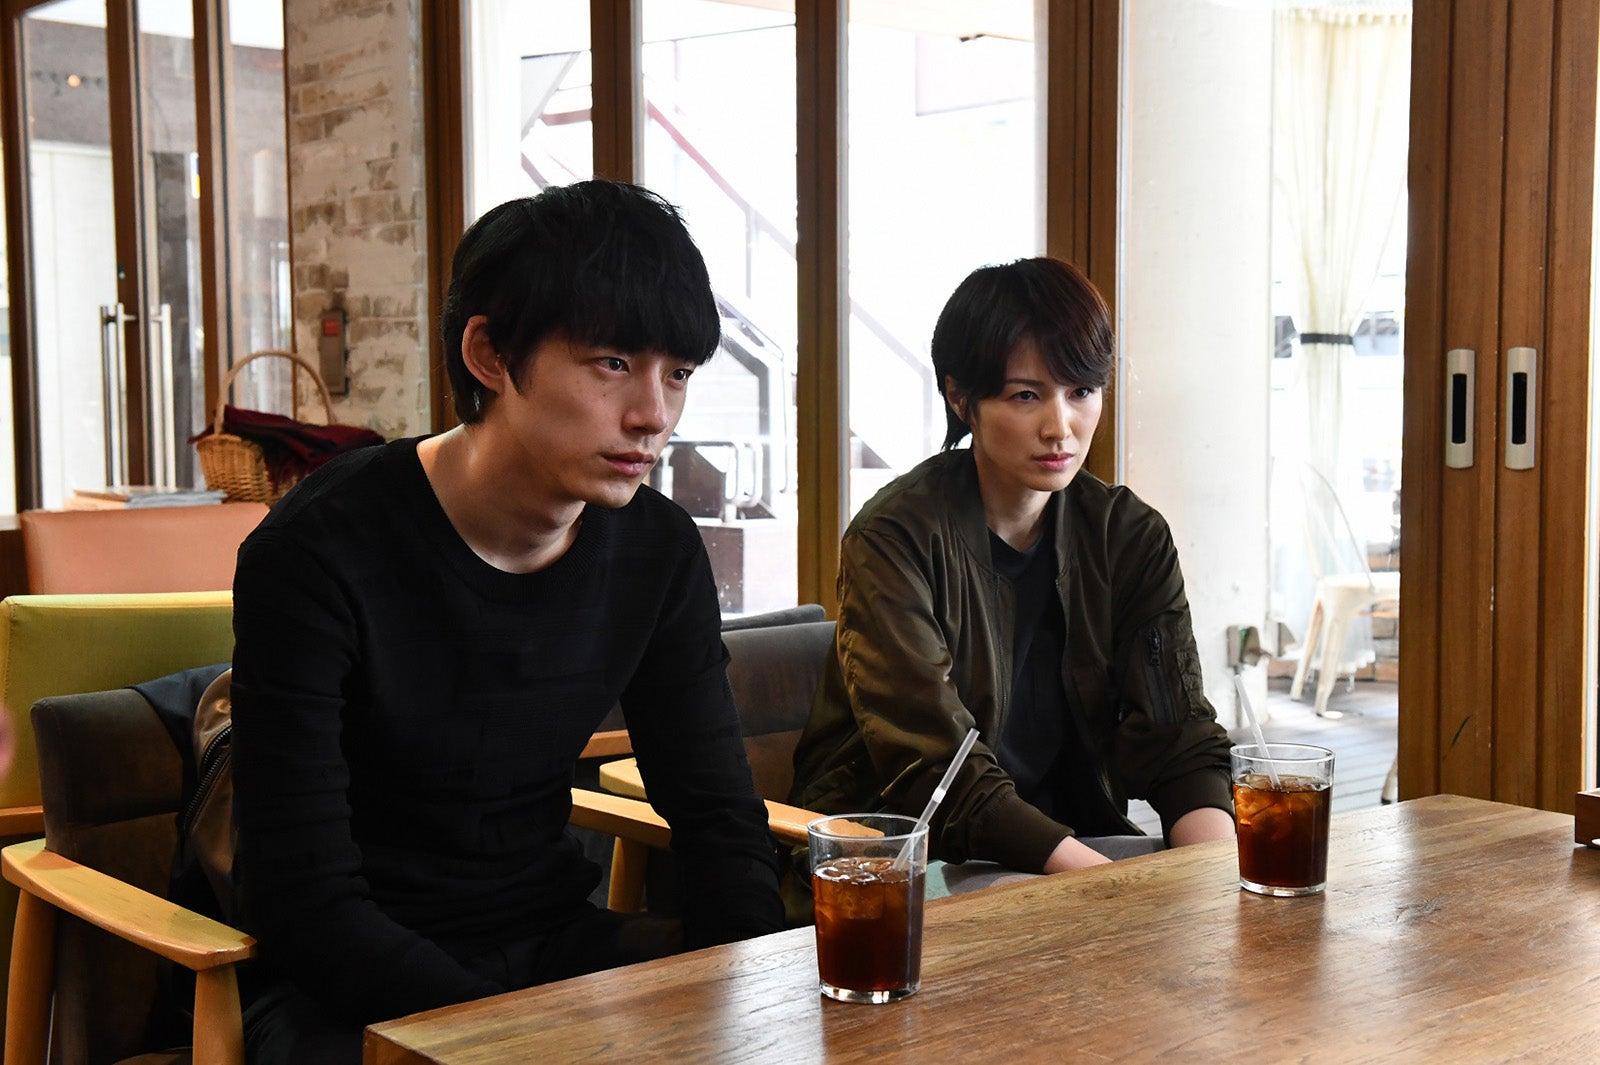 坂口健太郎主演「シグナル」健人の背負う壮絶な過去が急展開「とても切なく、泣いちゃう」 , モデルプレス